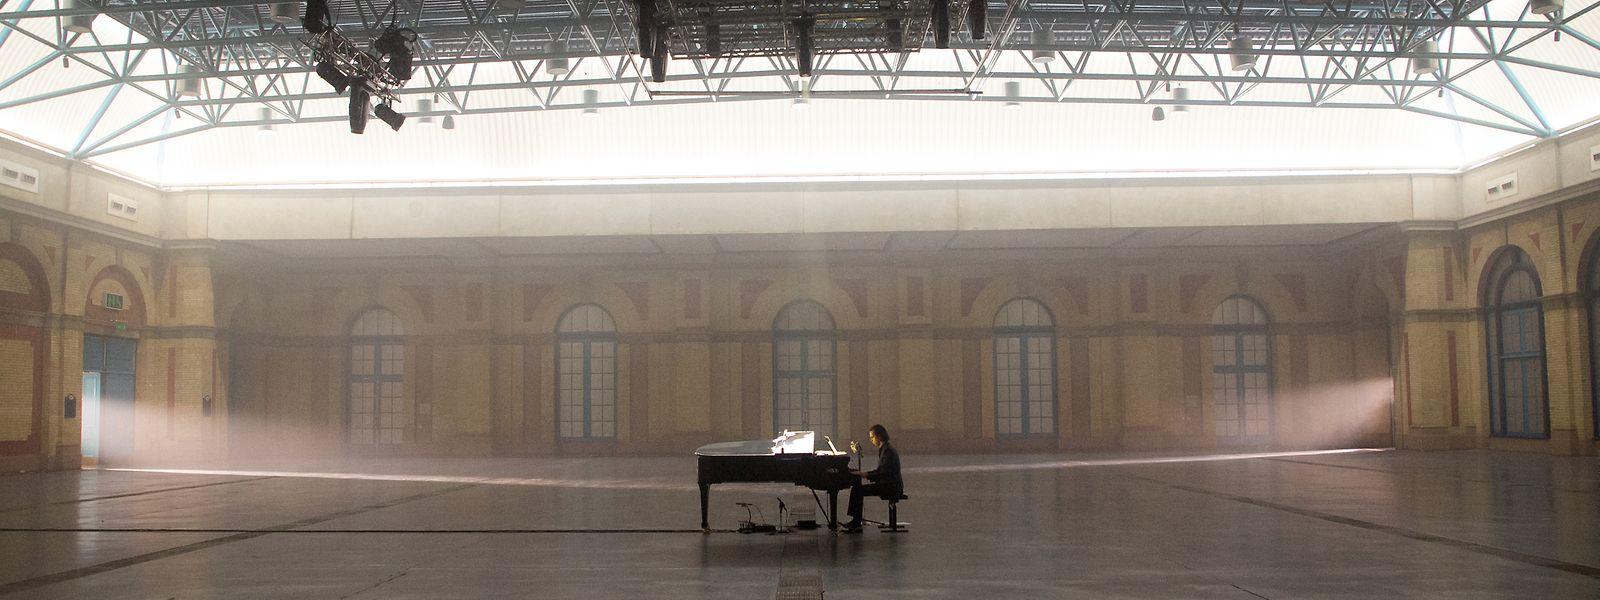 Der Musiker Nick Cave präsentiert sich heute Abend ganz allein am Klavier in einem Londoner Konzertsaal – ganz ohne Publikum.